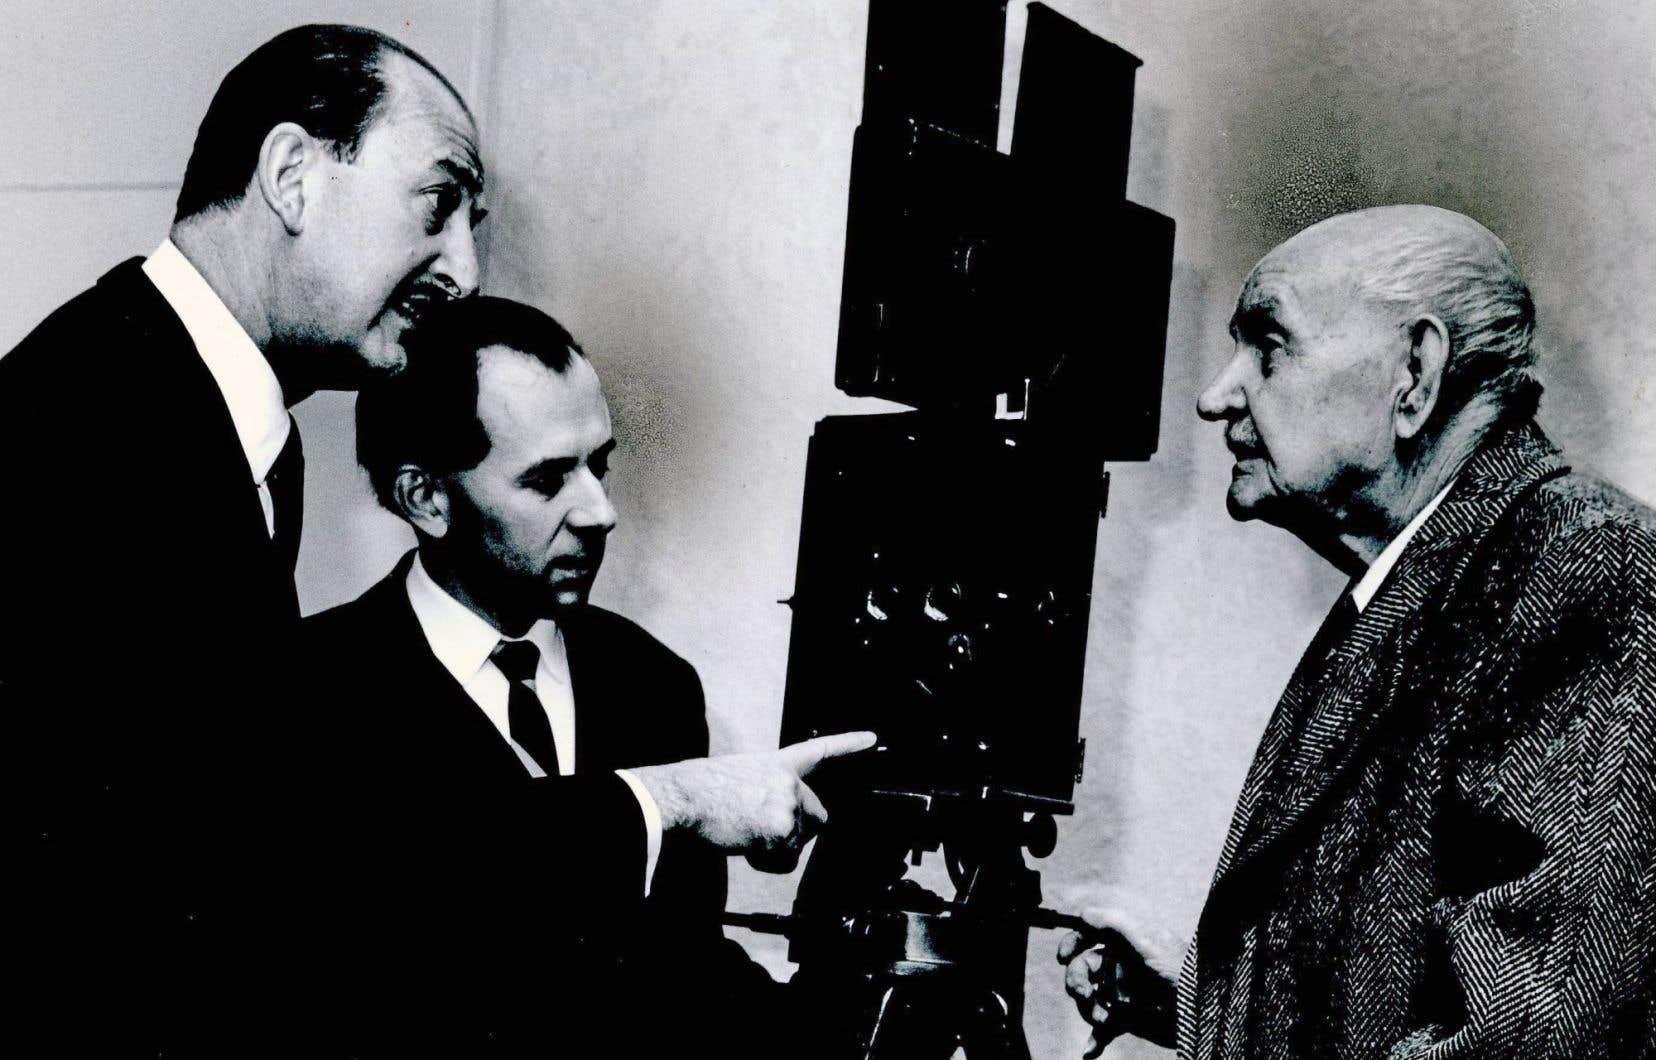 Léo-Ernest Ouimet, à droite, avec une caméra Pathé qu'il a utilisée à profusion, en compagnie du producteur Michel Costomet et de Guy-L. Côté, de la Cinémathèque québécoise.